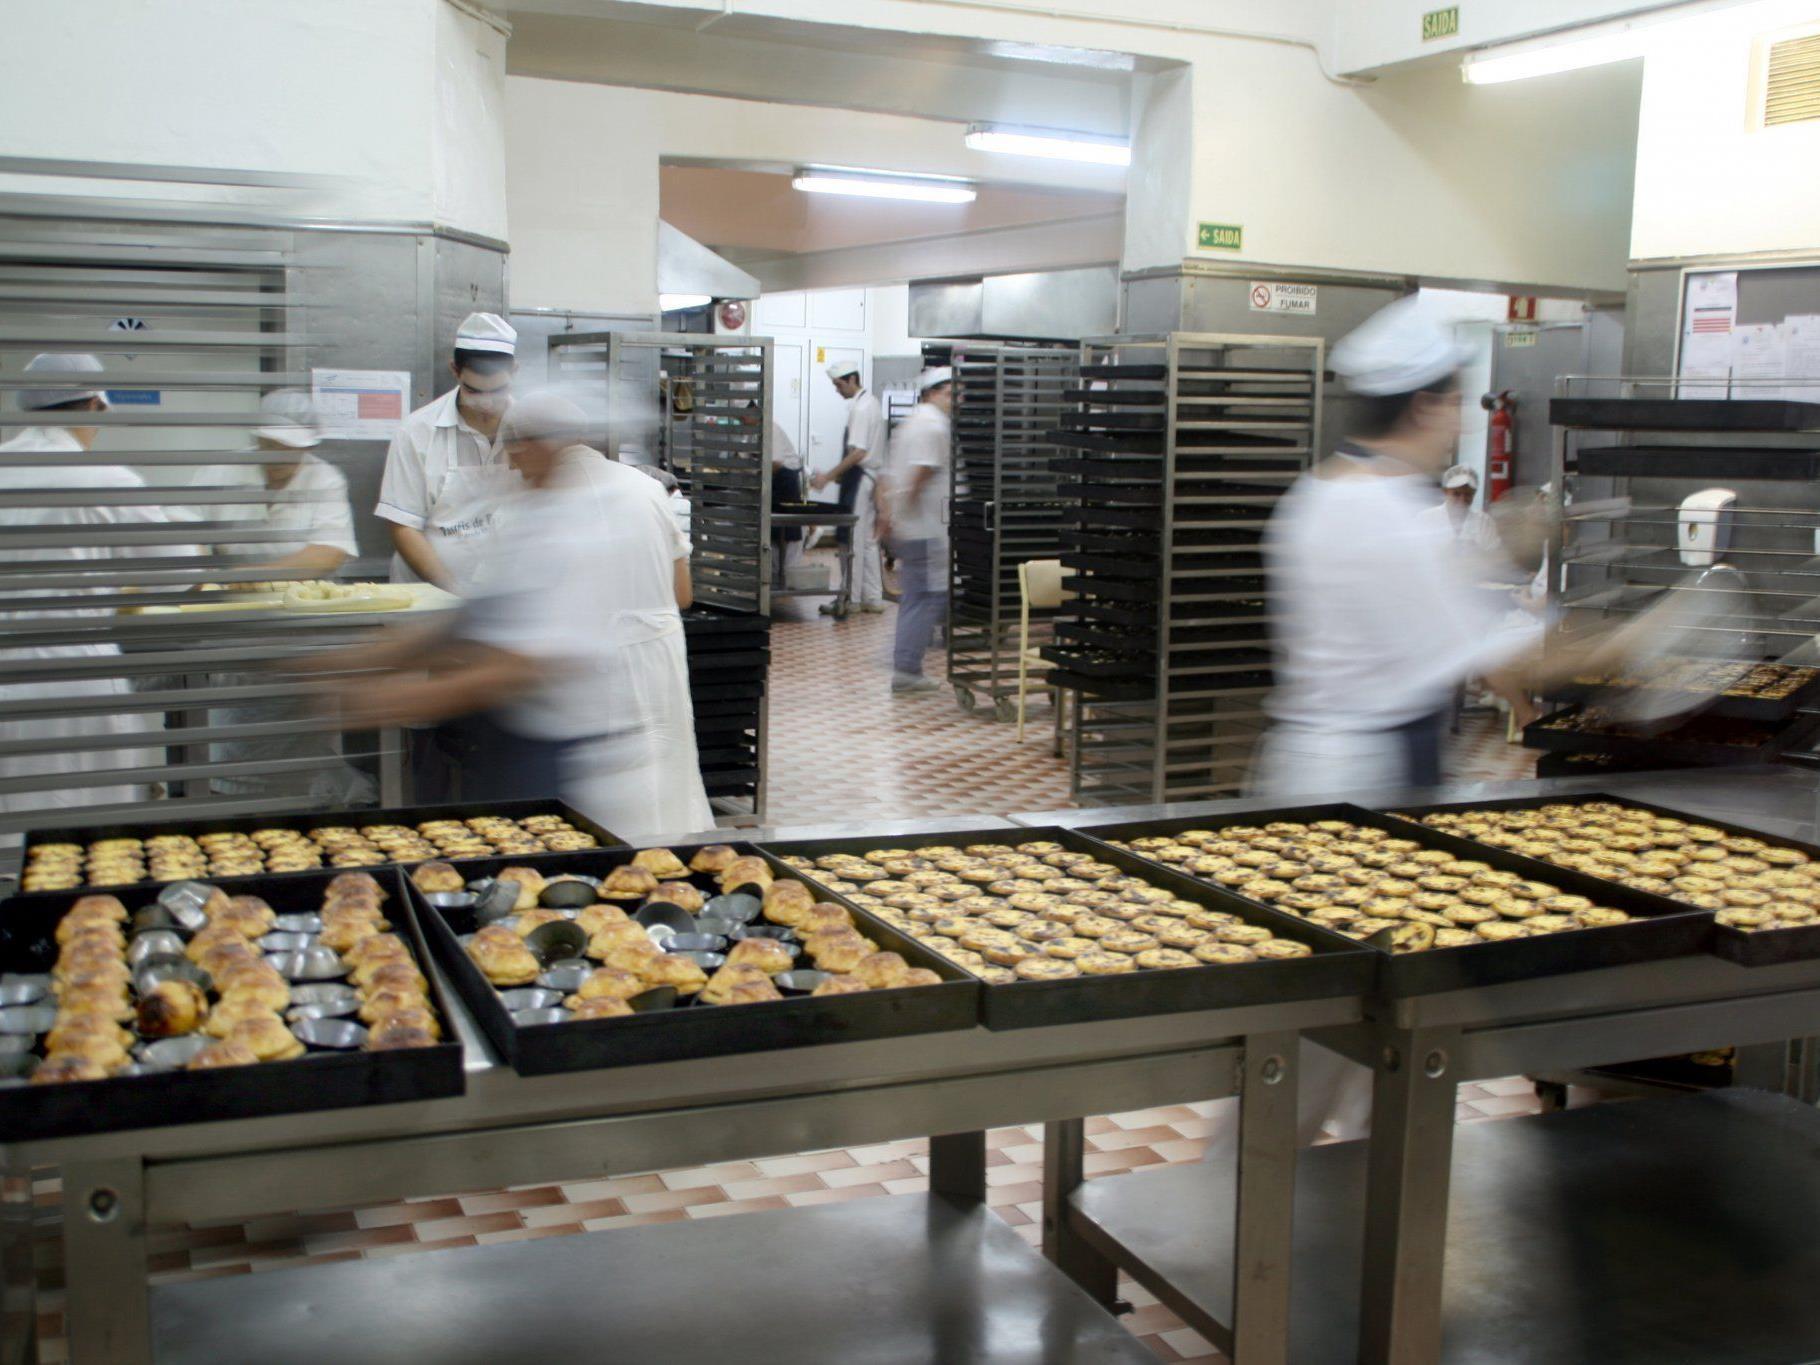 Blutiger Arbeitsunfall in einer Bäckerei im 23. Bezirk